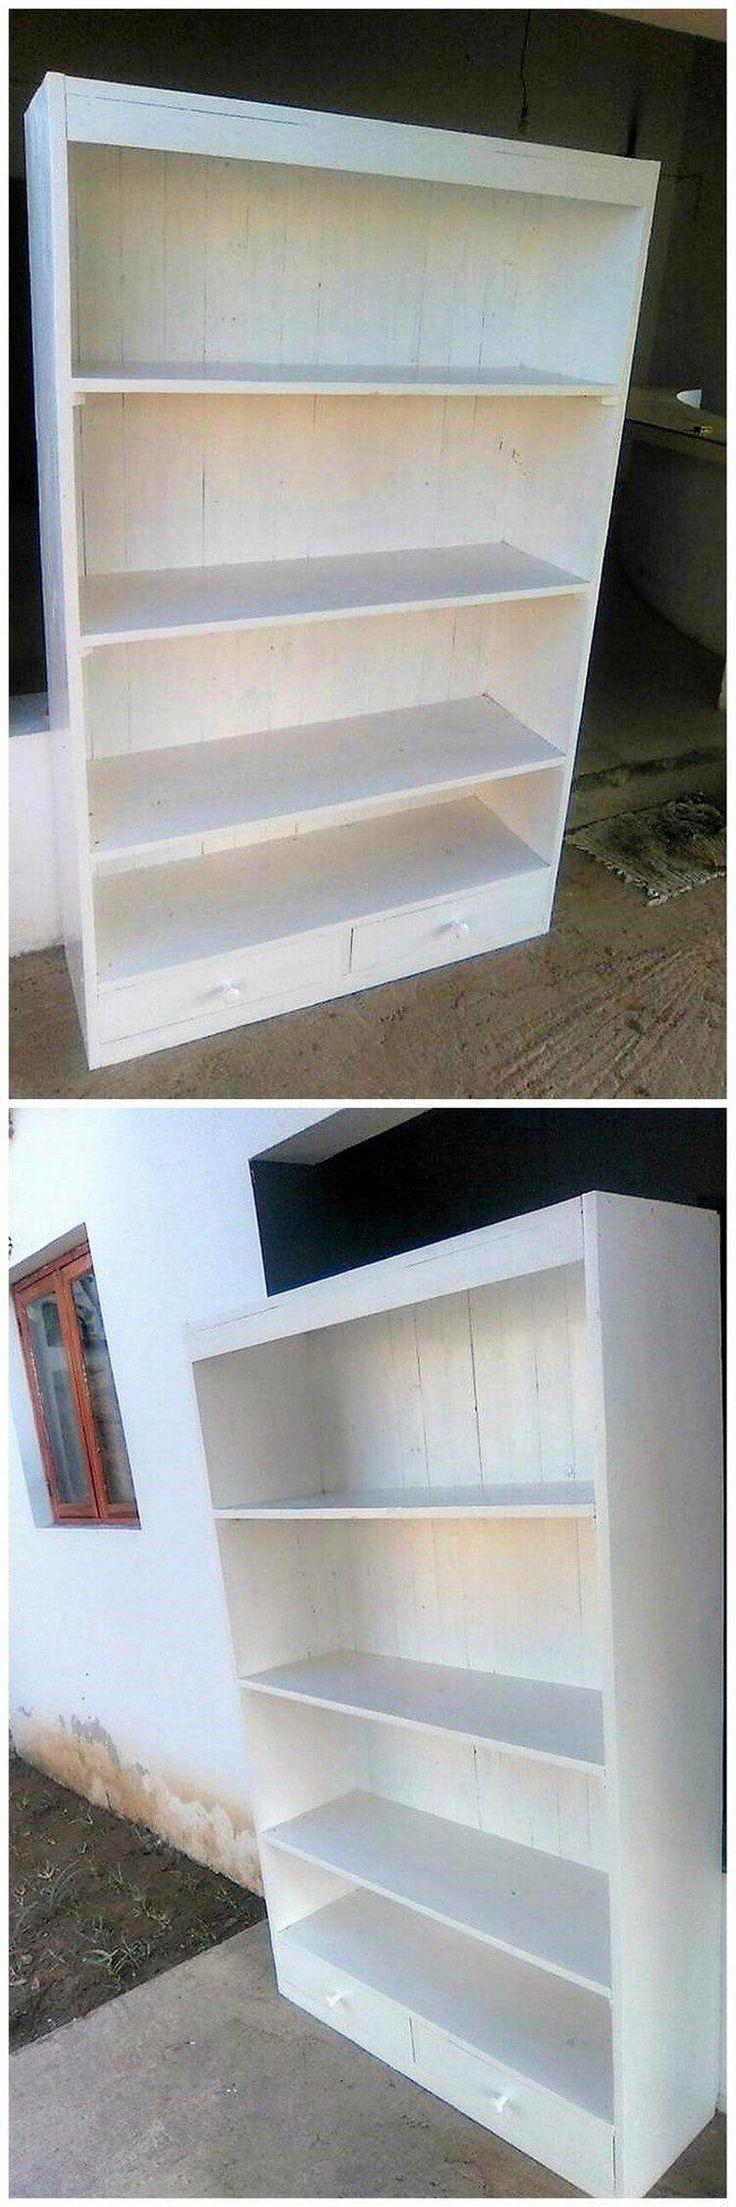 Glass Shelves In Kitchen  #GlassShelvesUnit   – Glass Shelves Unit – #Glass #Gla…   – most beautiful shelves